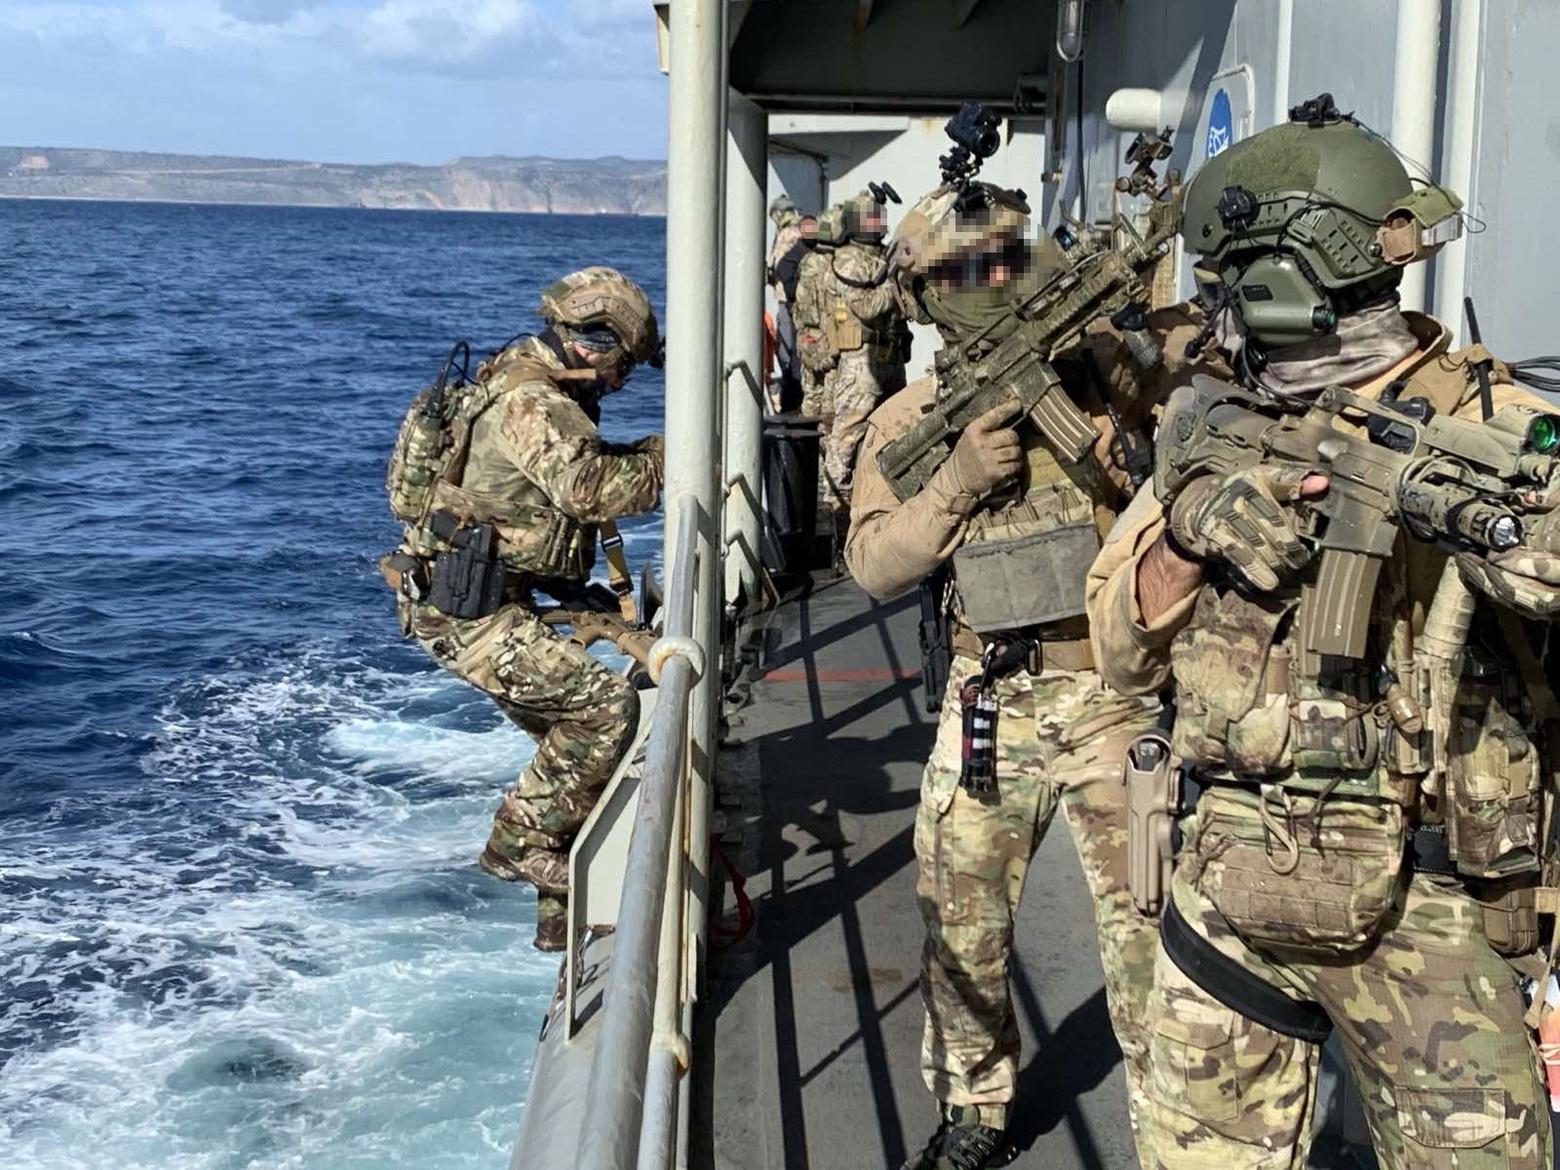 Διακρατική άσκηση Ελλάδας-Κύπρου–ΗΠΑ στη Σούδα από Δυνάμεις Ειδικών Επιχειρήσεων 18